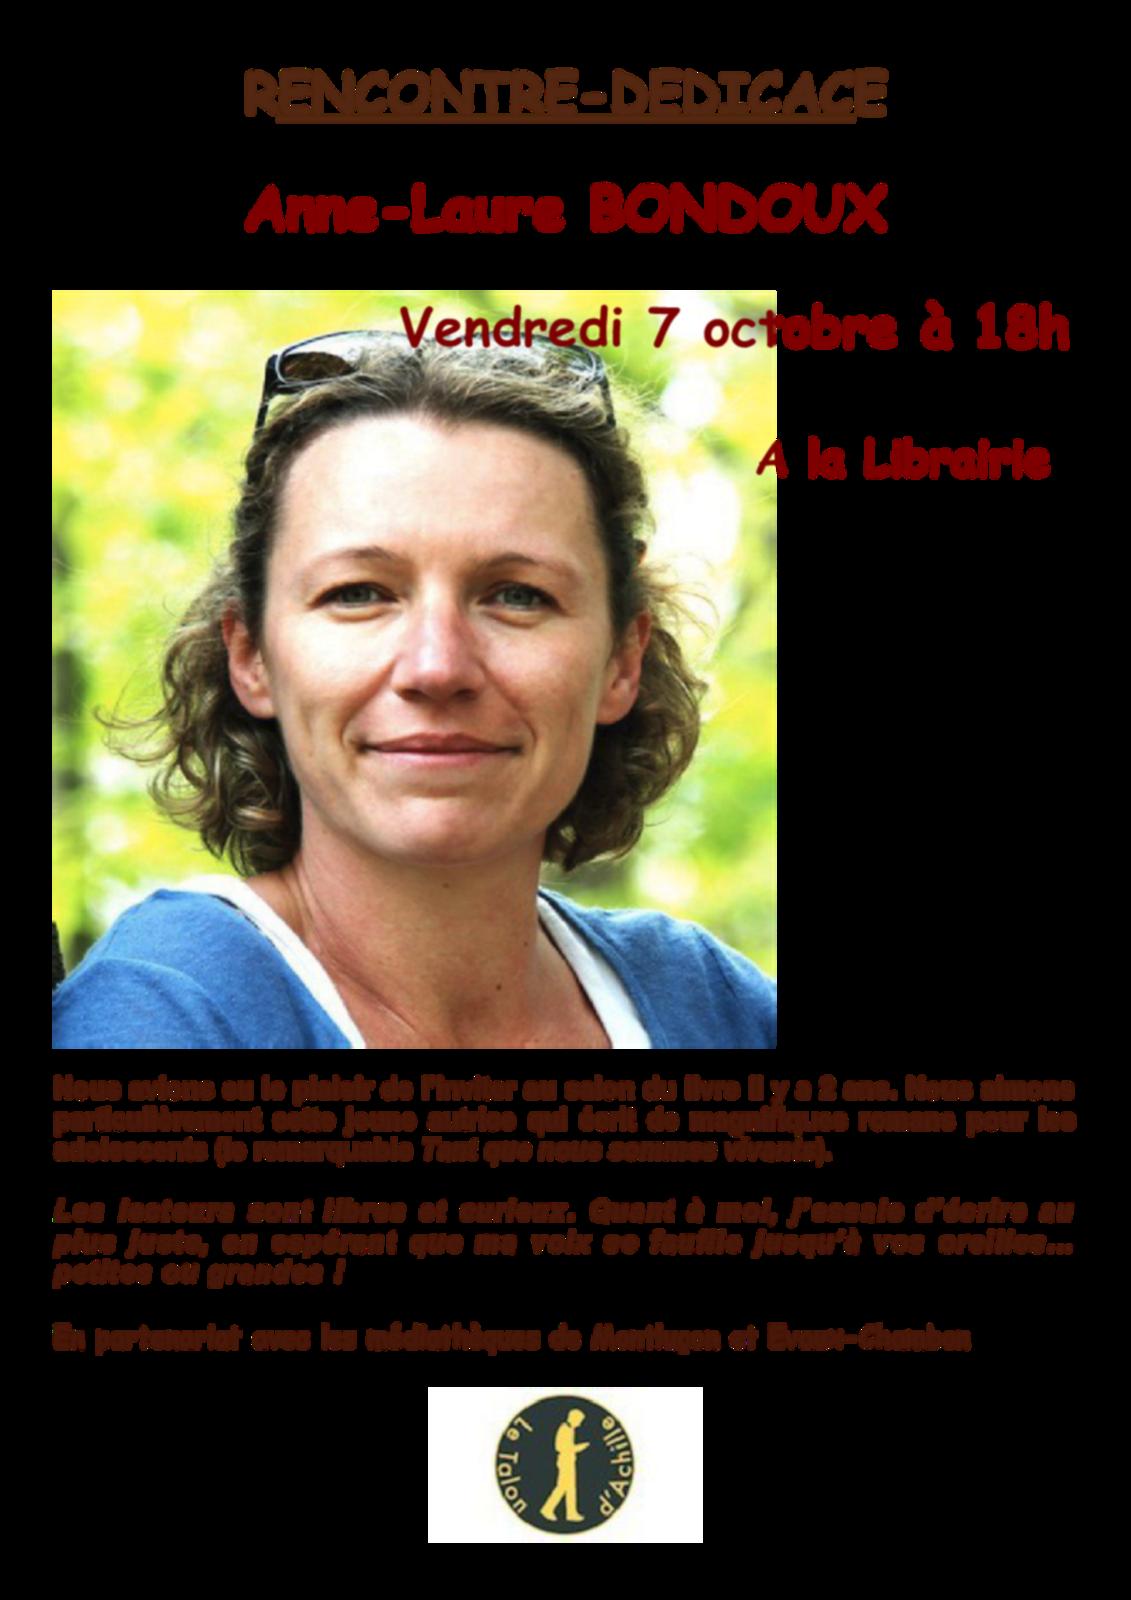 Anne-Laure Bondoux au Talon d'Achille